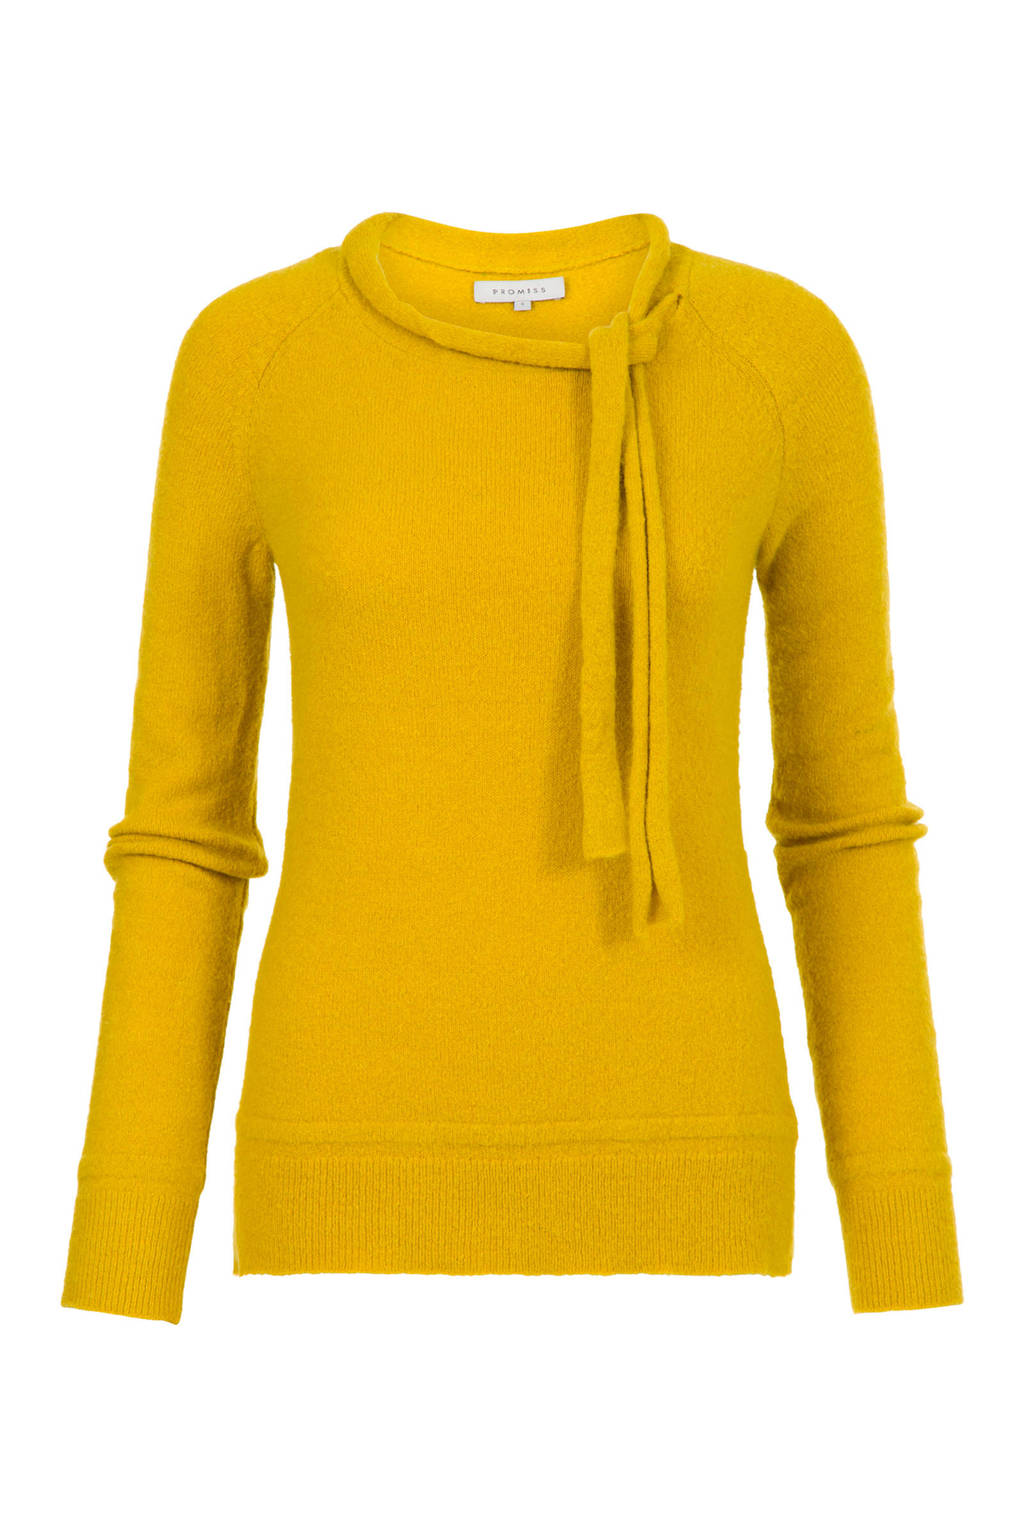 PROMISS fijngebreide trui Kavy geel, Geel